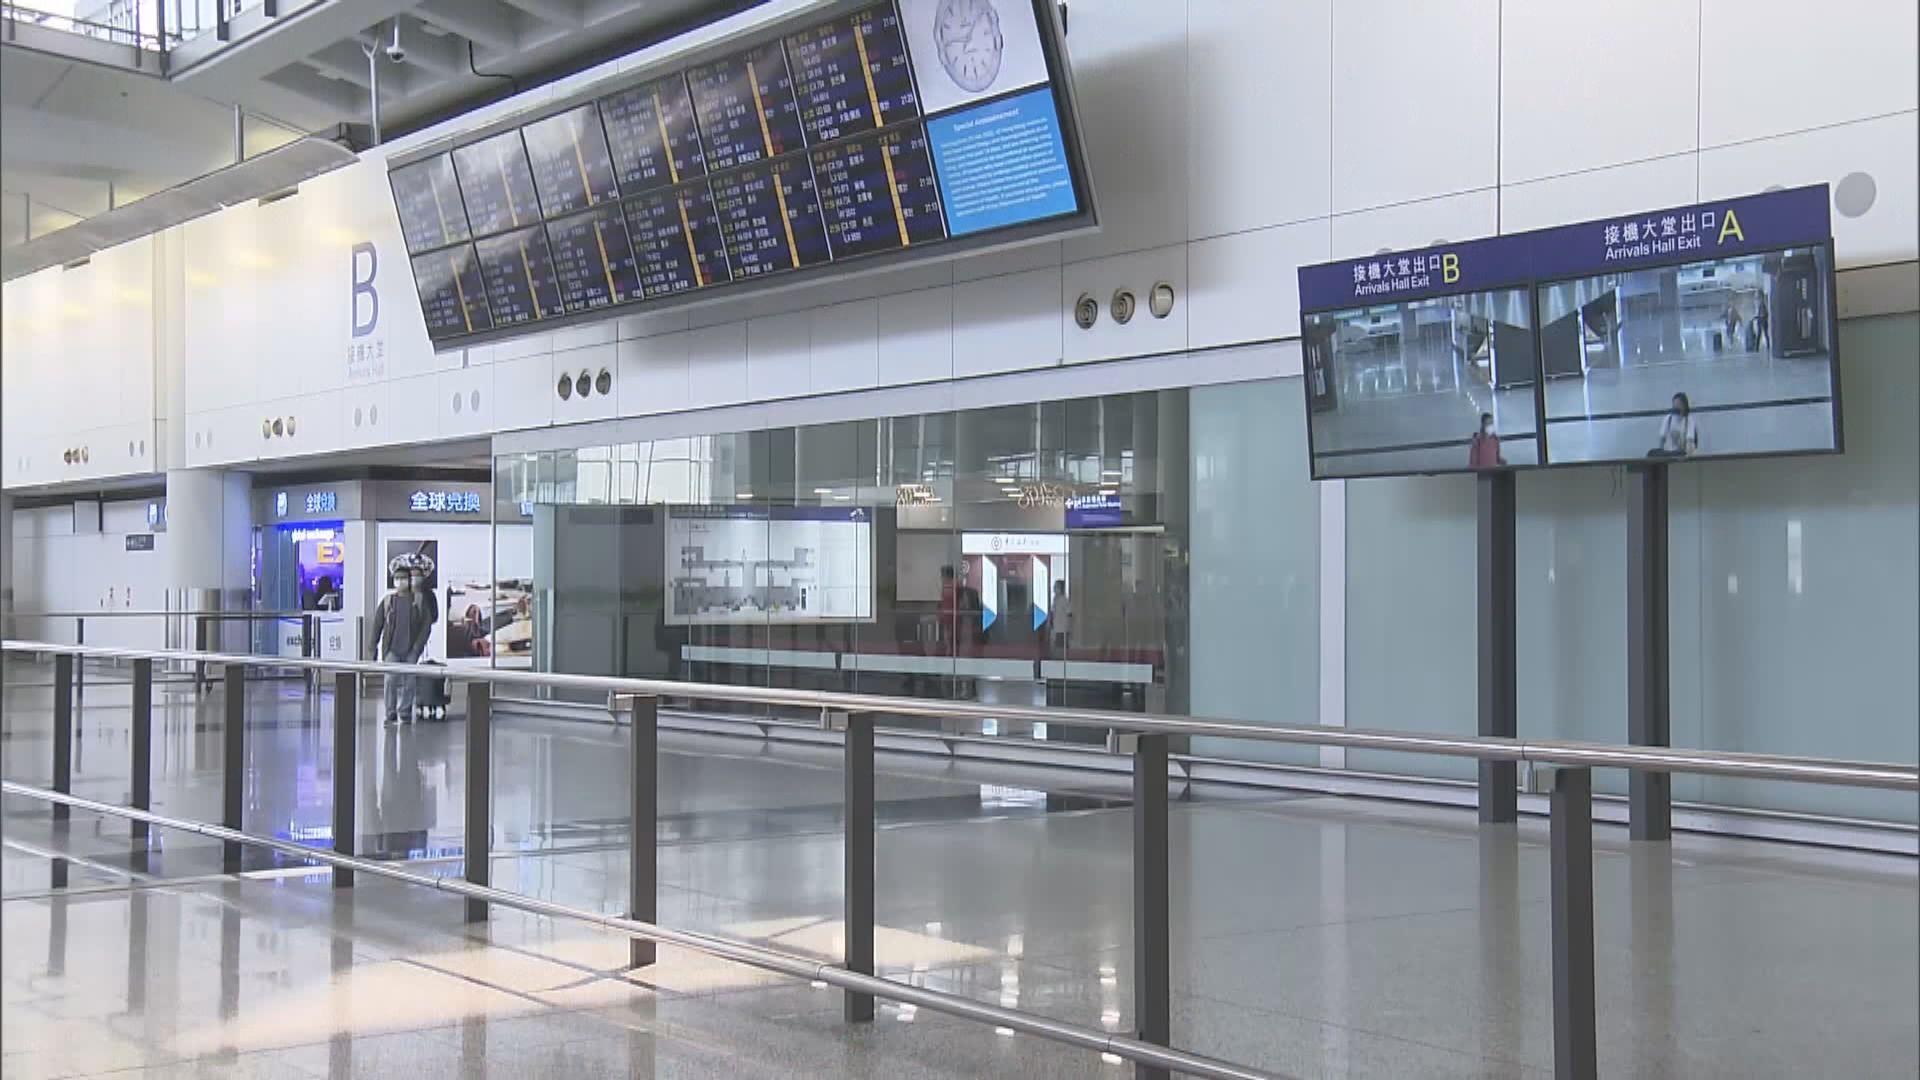 翡翠拉麵小籠包機場分店暫停營業消毒